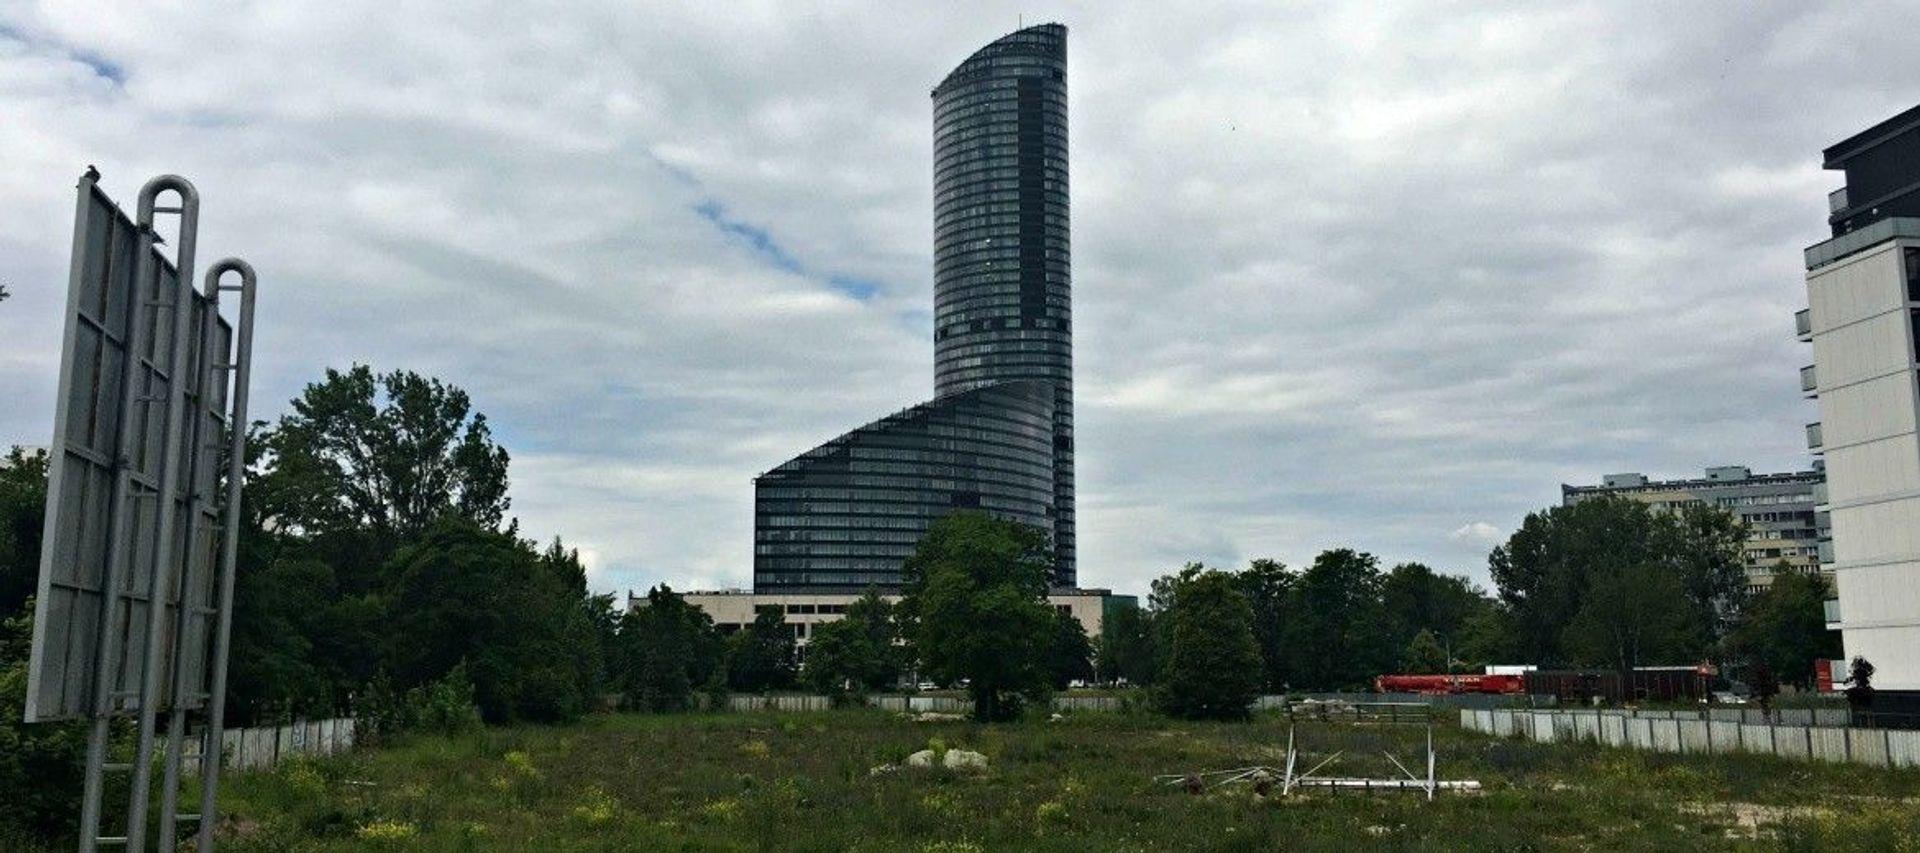 Wrocław: Skanska szykuje się do inwestycji na terenie Centrum Południowego. Co tam powstanie?